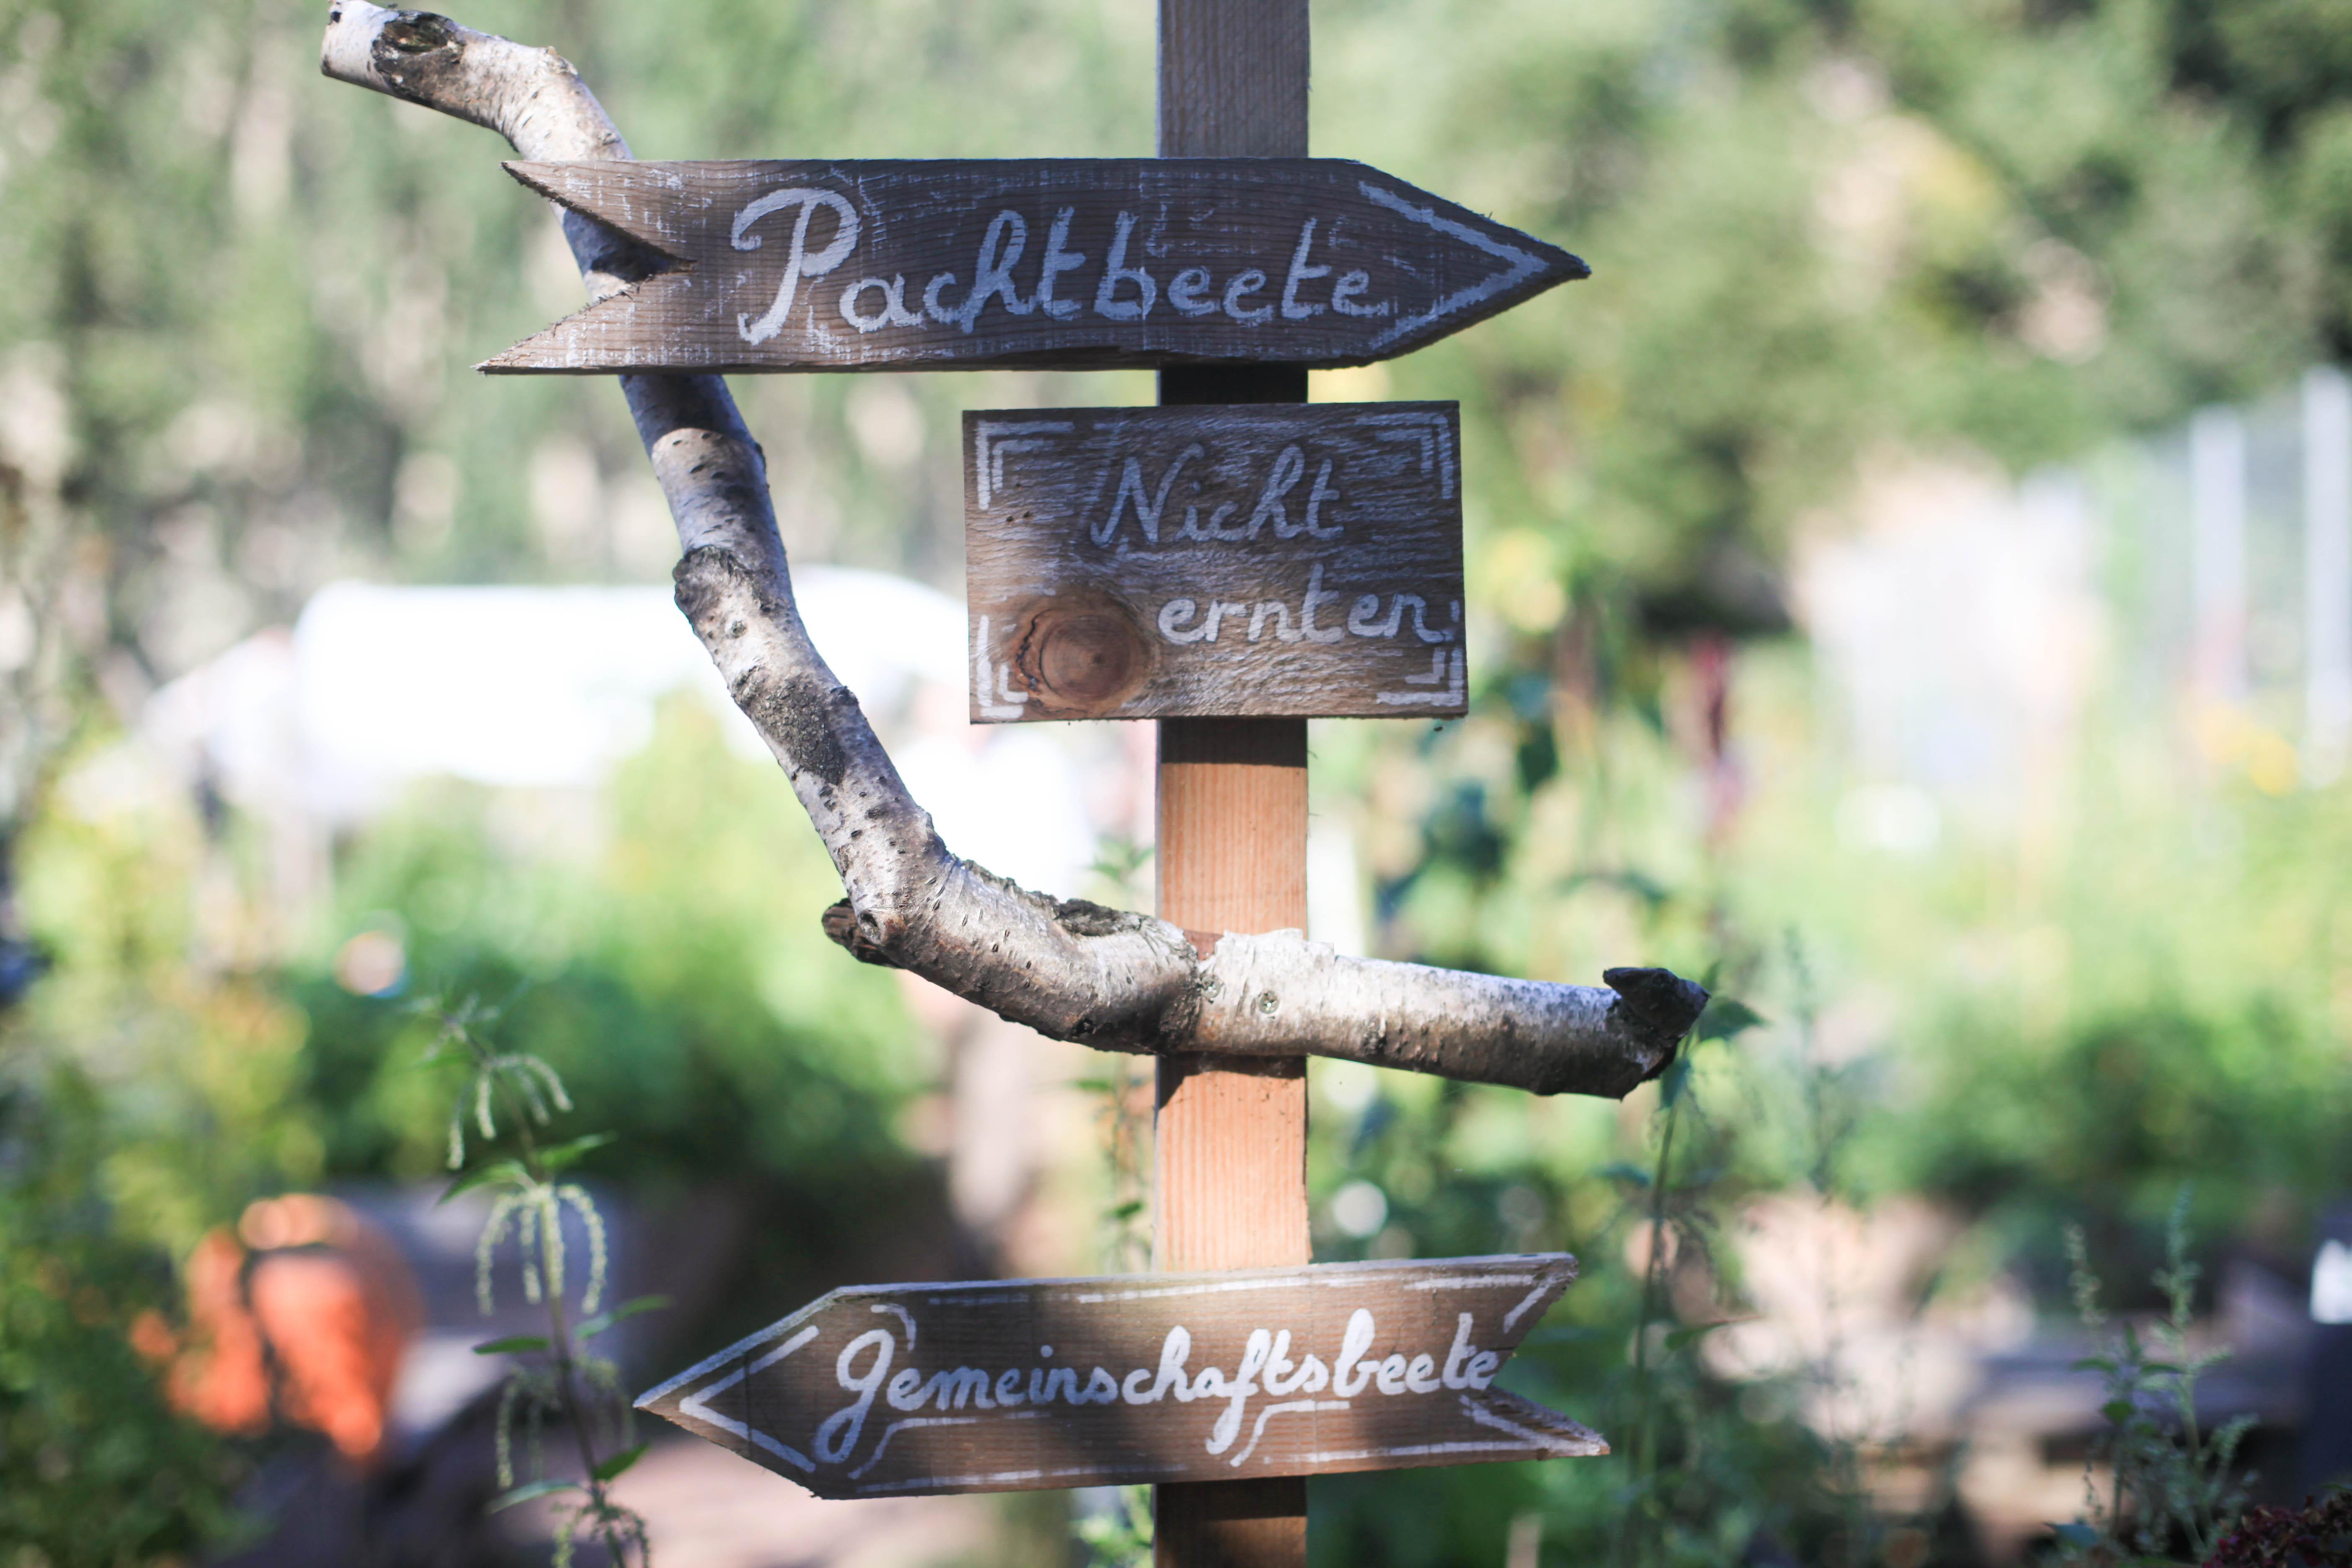 Es gibt Pachtbeete, die ihr für ein Jahr privat pachten und nutzen kann und einen Gemeinschaftsgarten, wo alle mithelfen können.